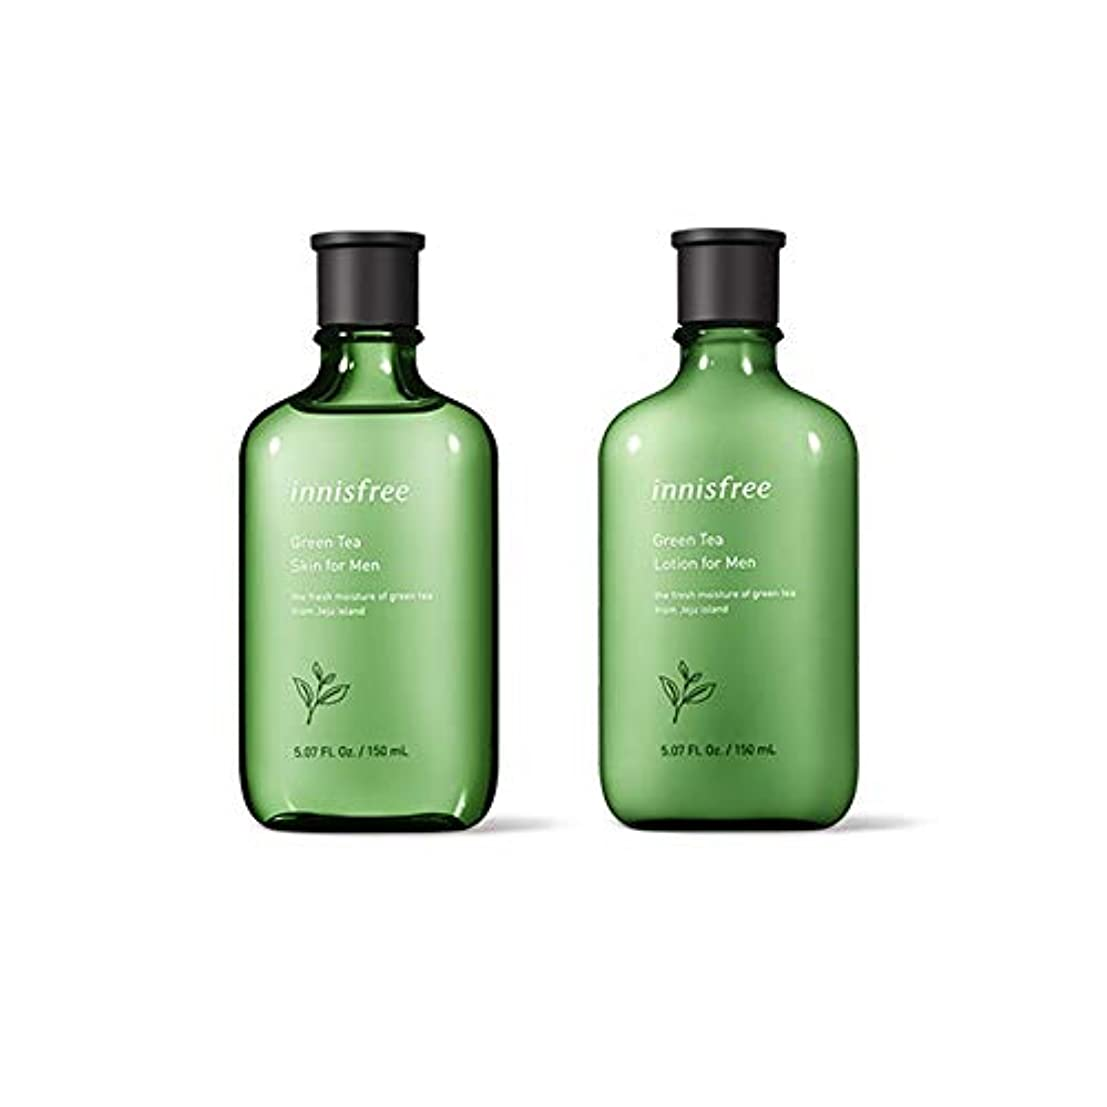 彫刻誰かベリイニスフリー Innisfree グリーンティースキン & ローションセットフォーメン(150ml+150ml) Innisfree Green Tea Skin & Lotion Set For Men(150ml+150ml...